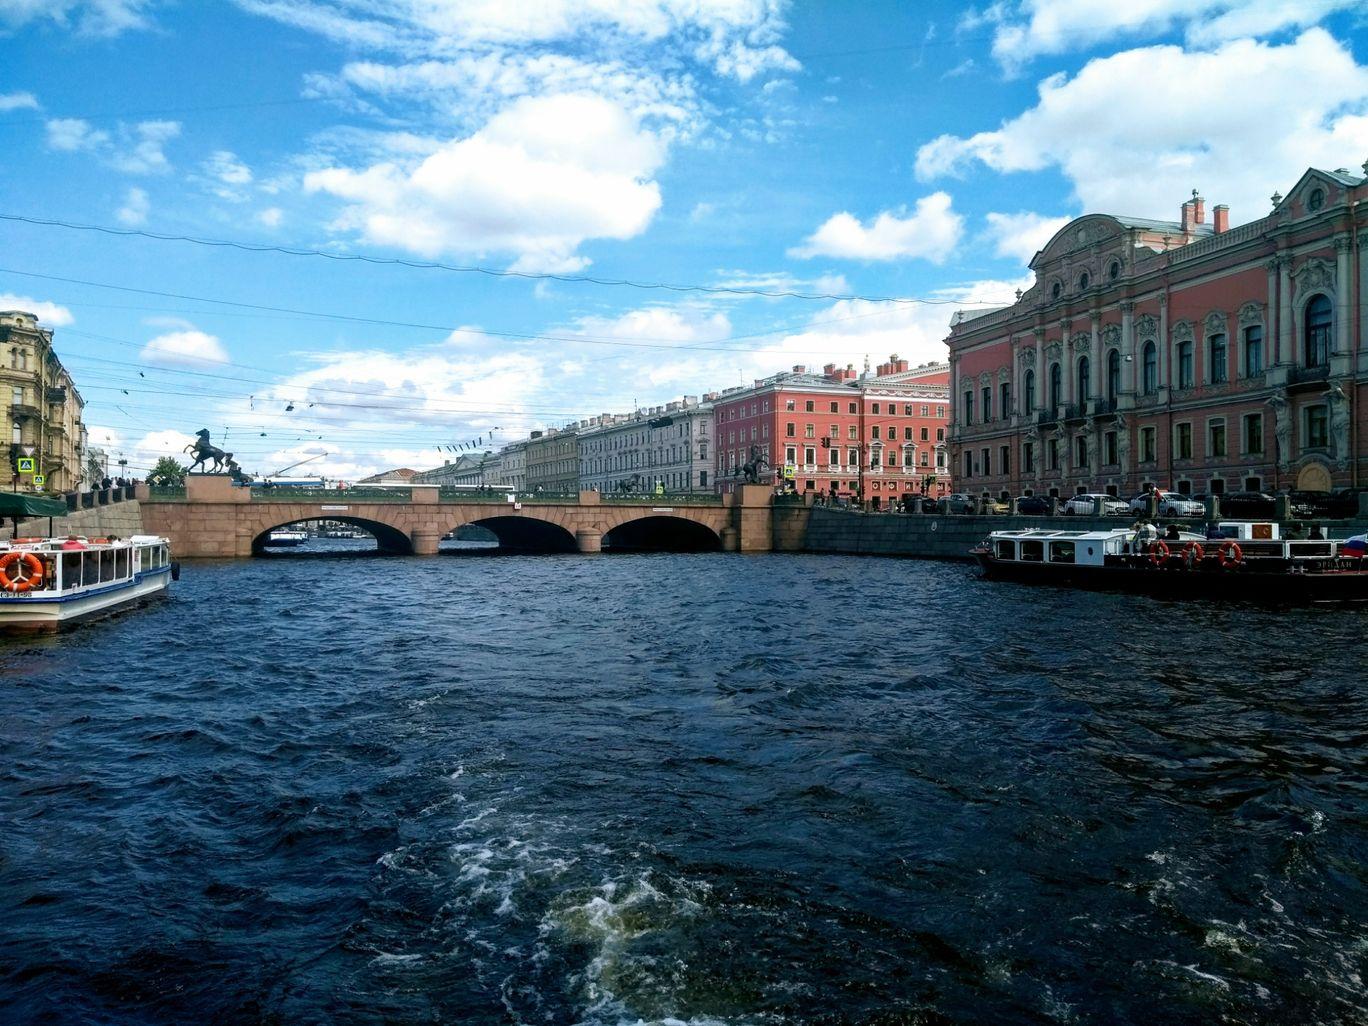 Photo of Anichkov Bridge By Abhishek Bose